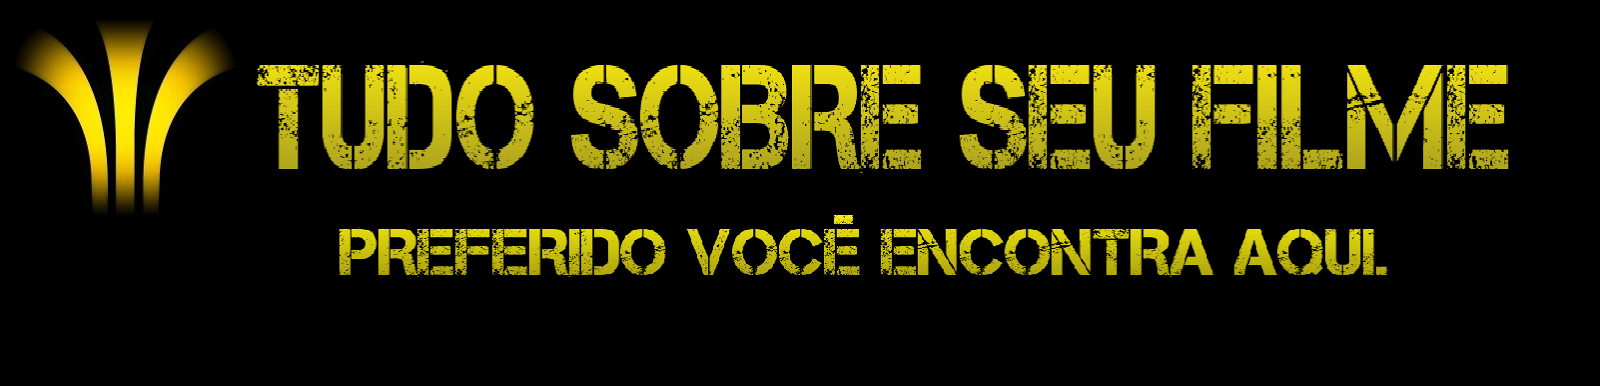 TudoSobreSeuFilme